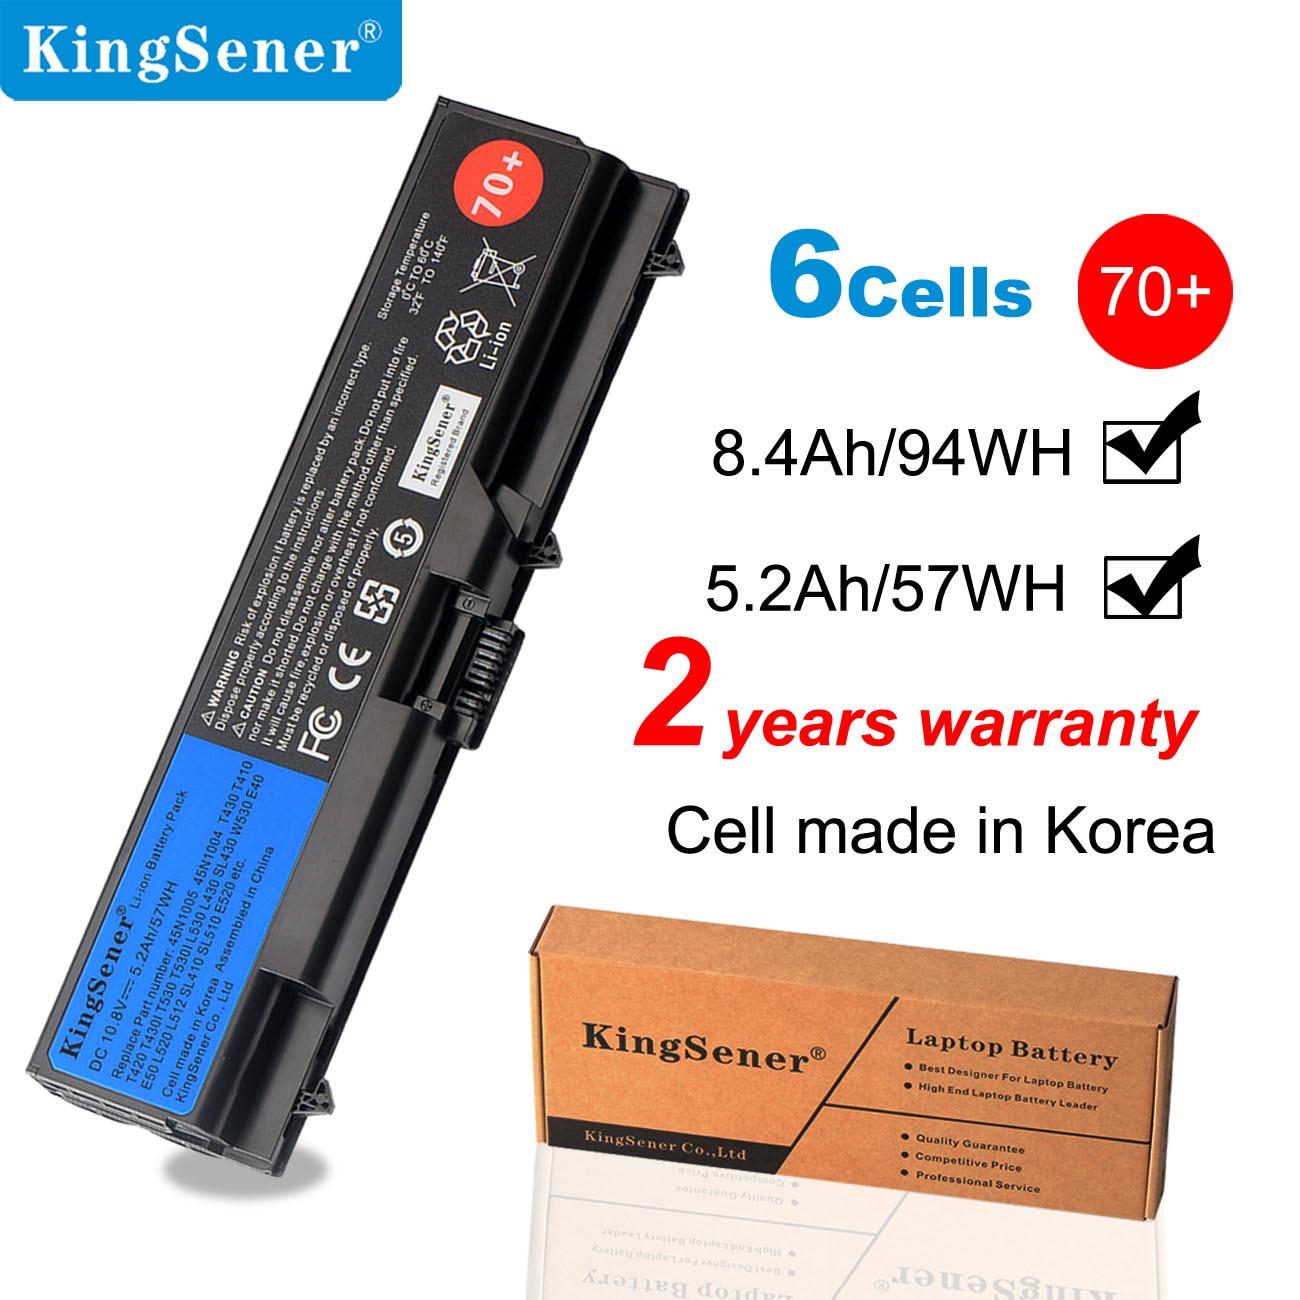 10 8v 57wh new original t430 laptop battery for lenovo thinkpad t530 w530 t430i l430 530 sl430 t410 t420 45n1005 45n1004 KingSener 10.8V 5200mAh Laptop Battery For Lenovo ThinkPad T430 T430I L430 T530 T530I L530 W530 45N1005 45N1004 45N1001 45N1000